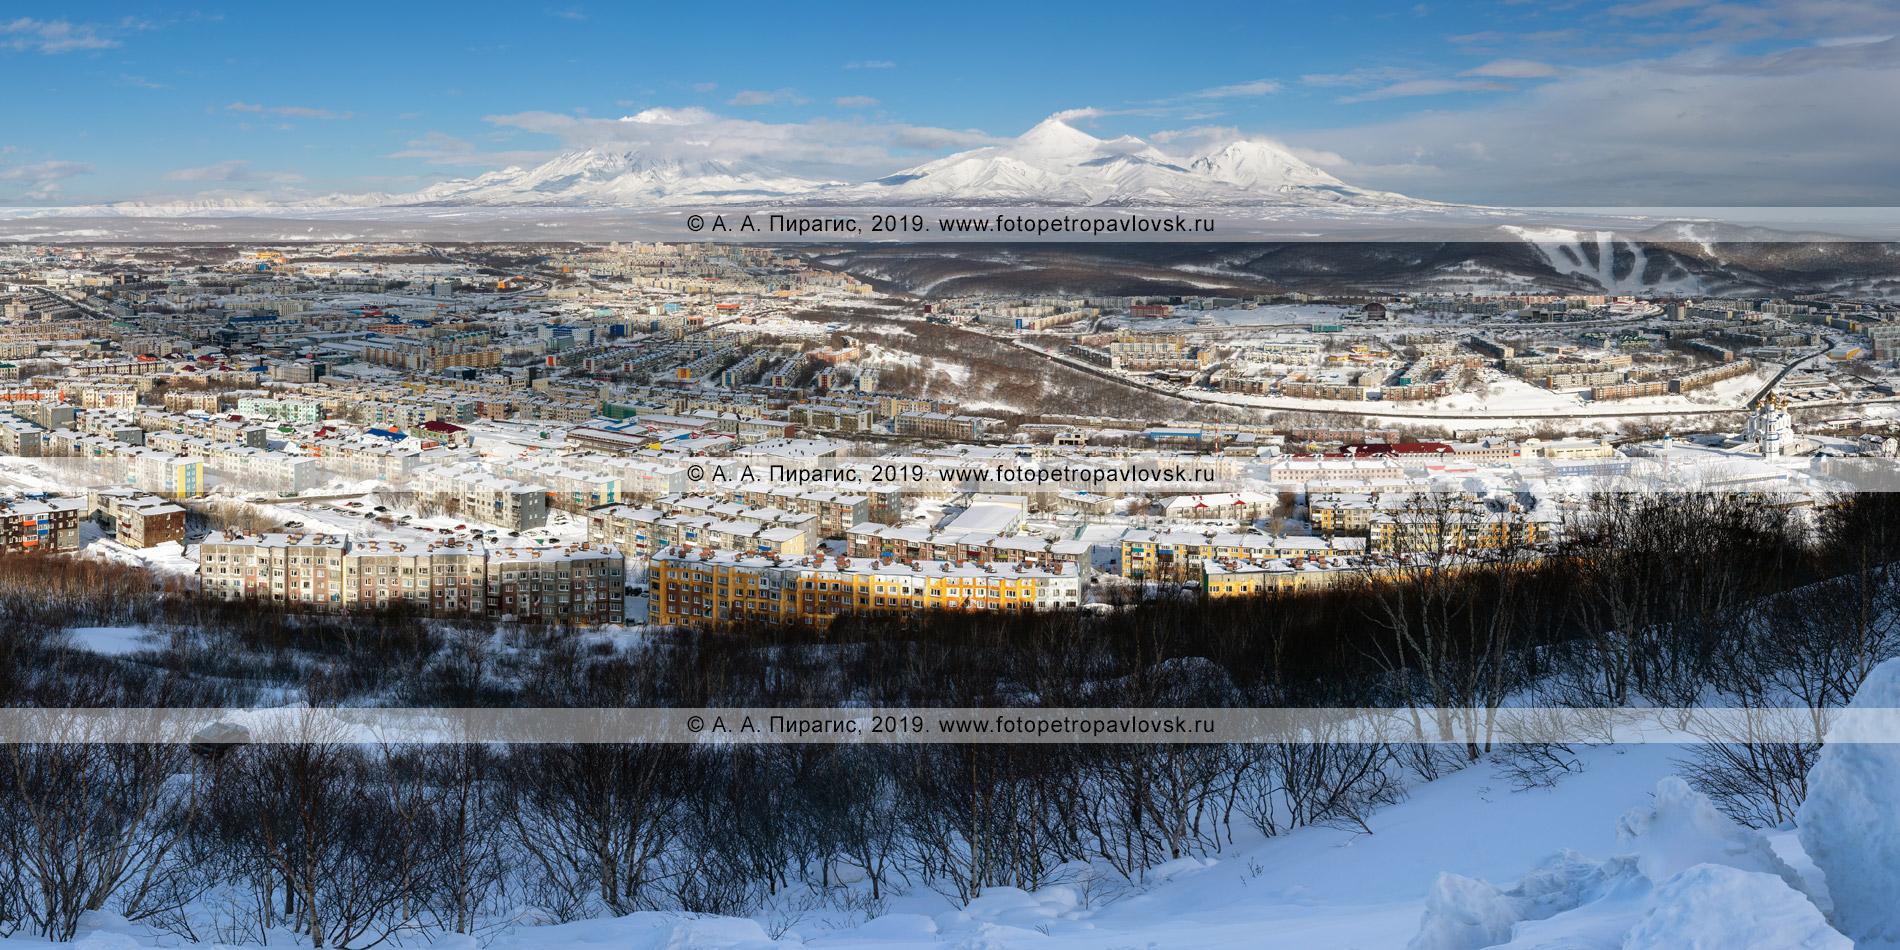 Панорамная фотография: зимний город Петропавловск-Камчатский на фоне «домашних» вулканов: Корякский вулкан, Авачинский вулкан, Козельский вулкан